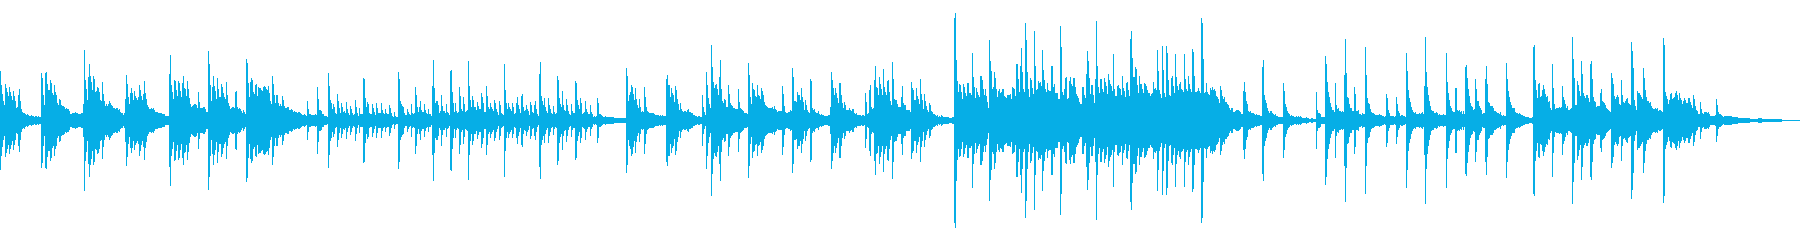 温かく包まれ癒されるフェルトピアノBGMの再生済みの波形